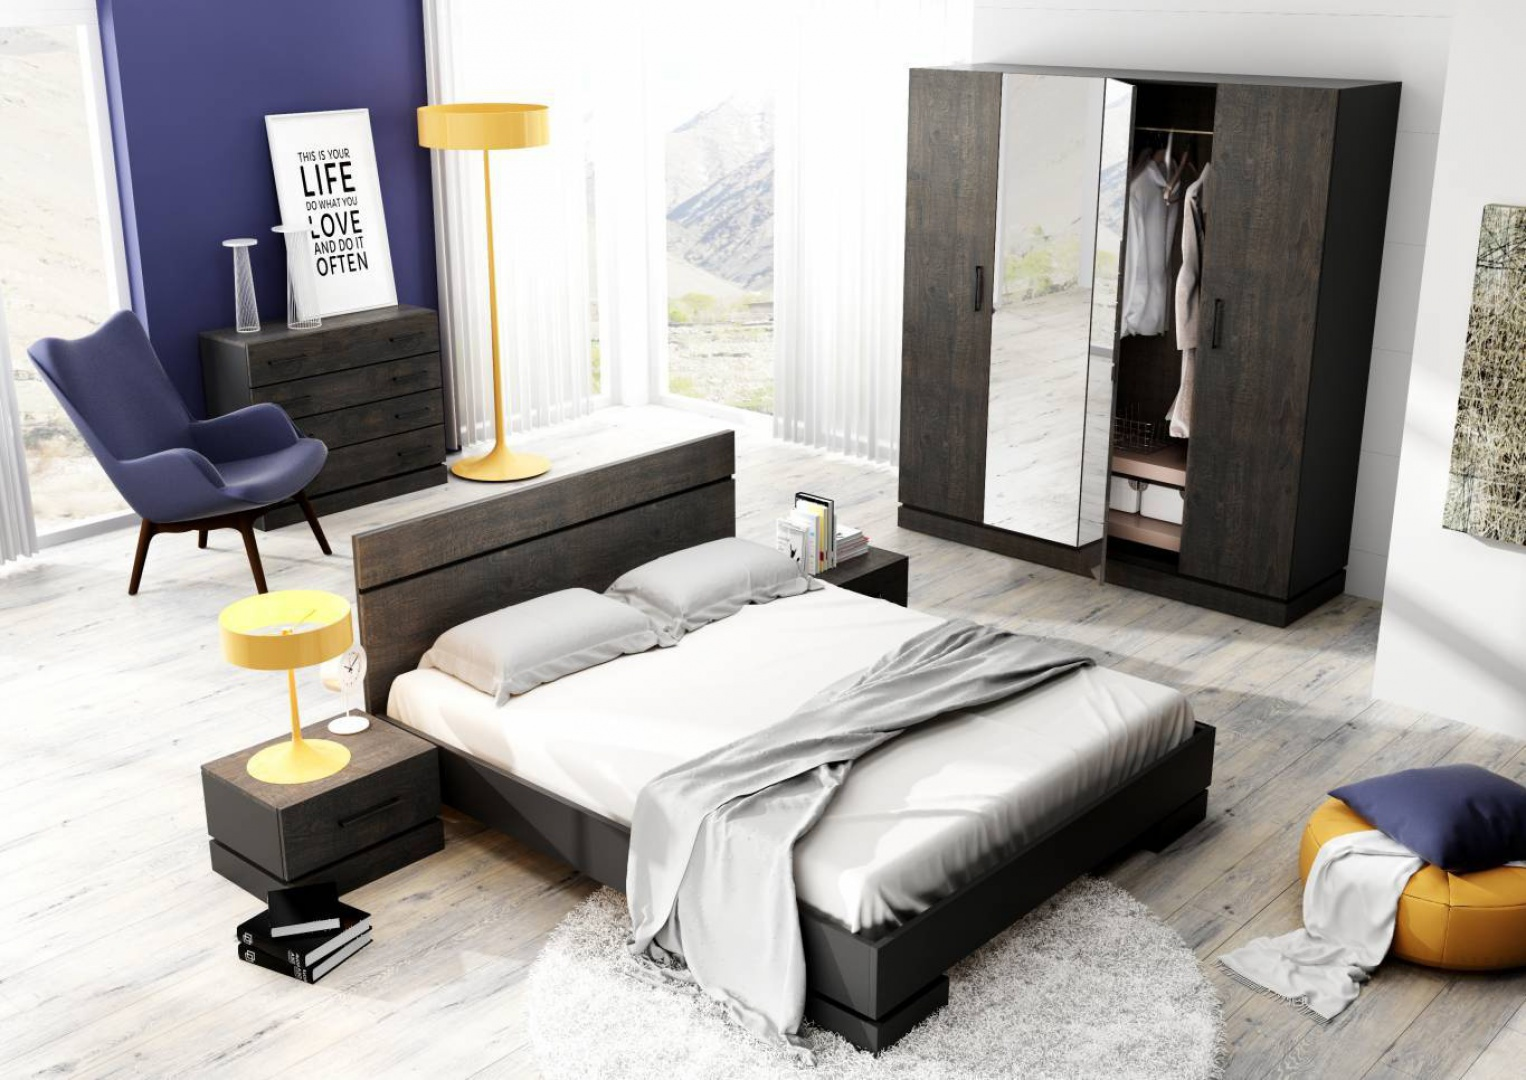 Sypialnia Sherwood to doskonała propozycja dla osób lubiących rustykalny styl. Ciemne wybarwienie mebli sprawia, że kolekcja jest nieco tajemnicza. Fot. Dignet.